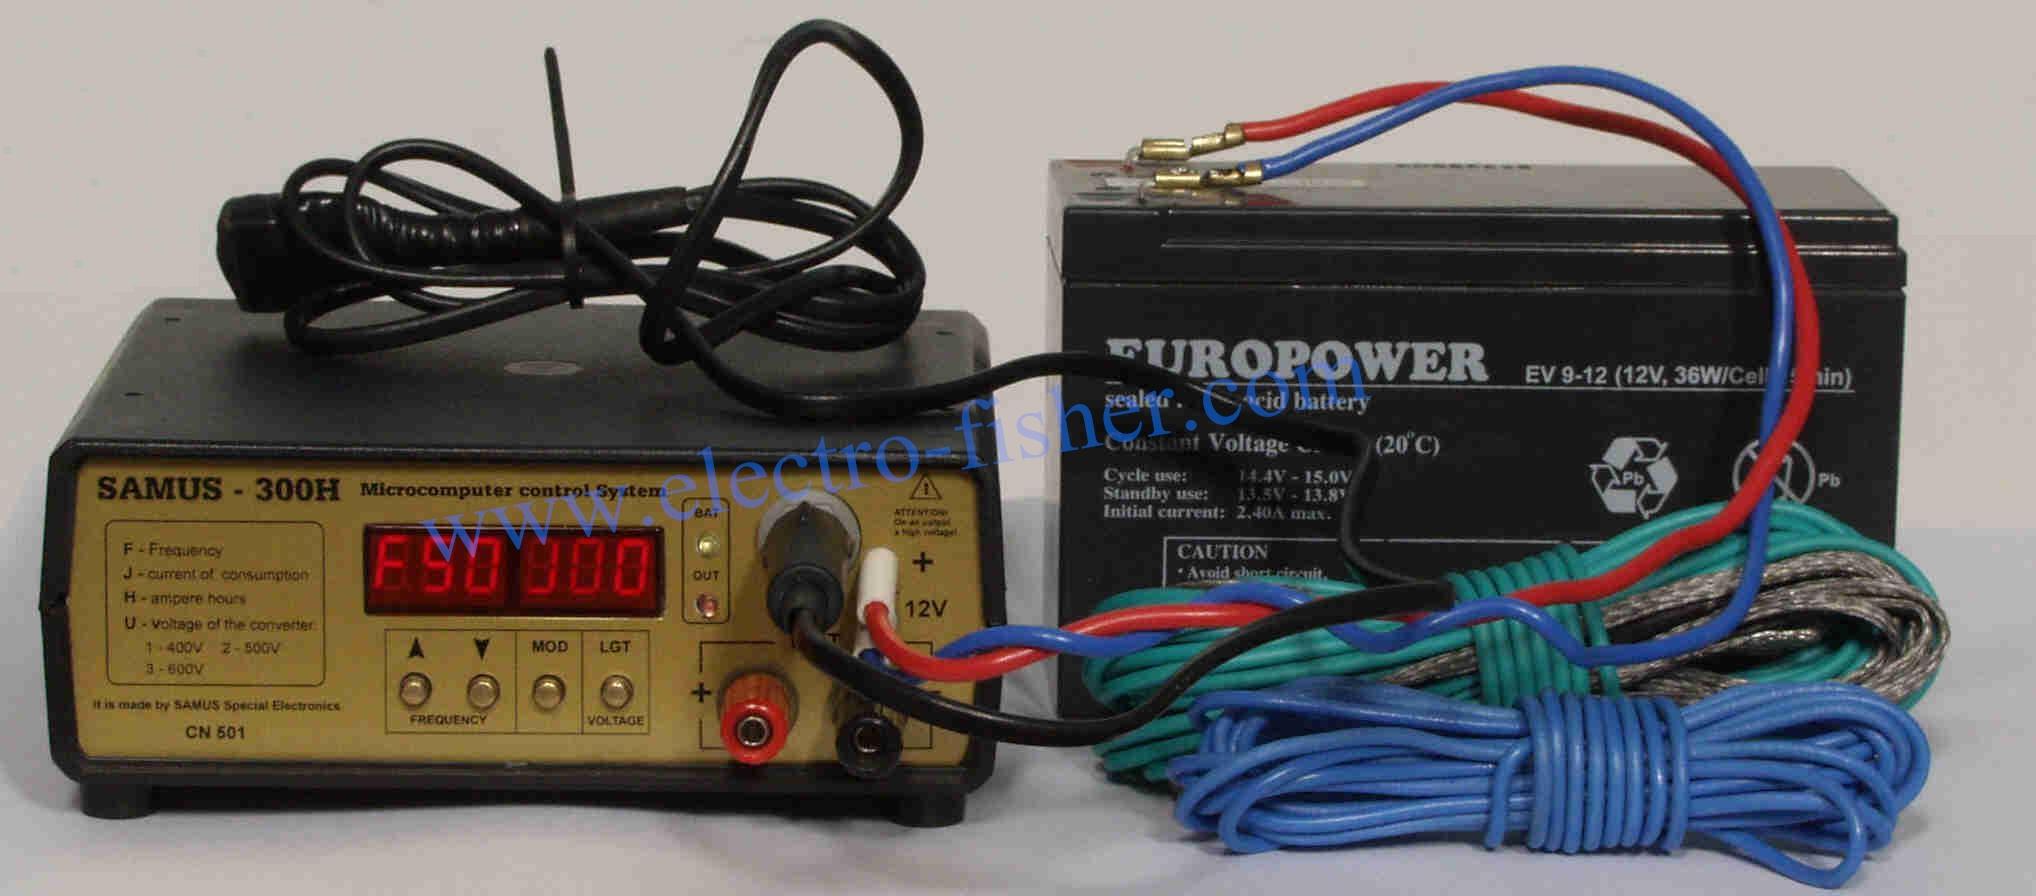 Fish Shocker Stunner Samus300 Fishing Tool For Electric 3v Electronic Stun Gun Circuit Shock